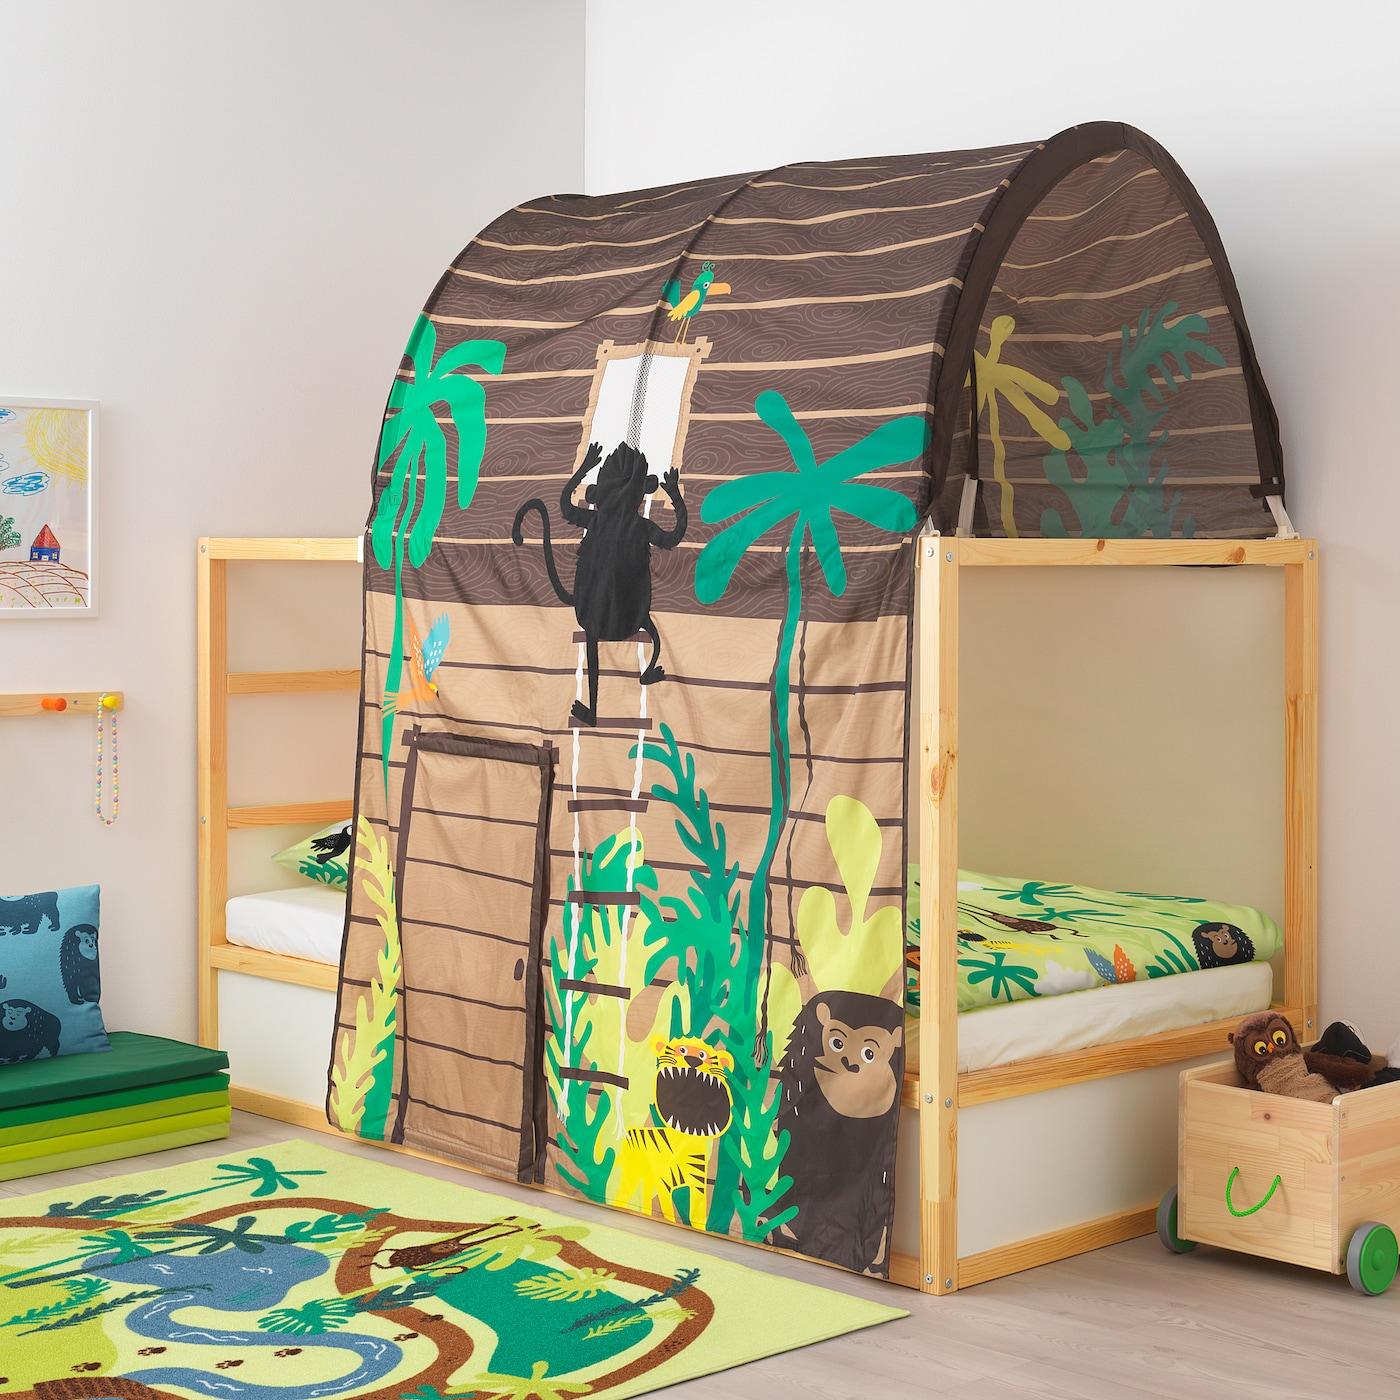 Full Size of Ikea Bett Kinder Massiv 180x200 120x200 Weiß Betten 200x220 Einfaches Prinzessinen Kinderspielturm Garten Modernes Mädchen Poco Modern Design Mit Schubladen Wohnzimmer Ikea Bett Kinder